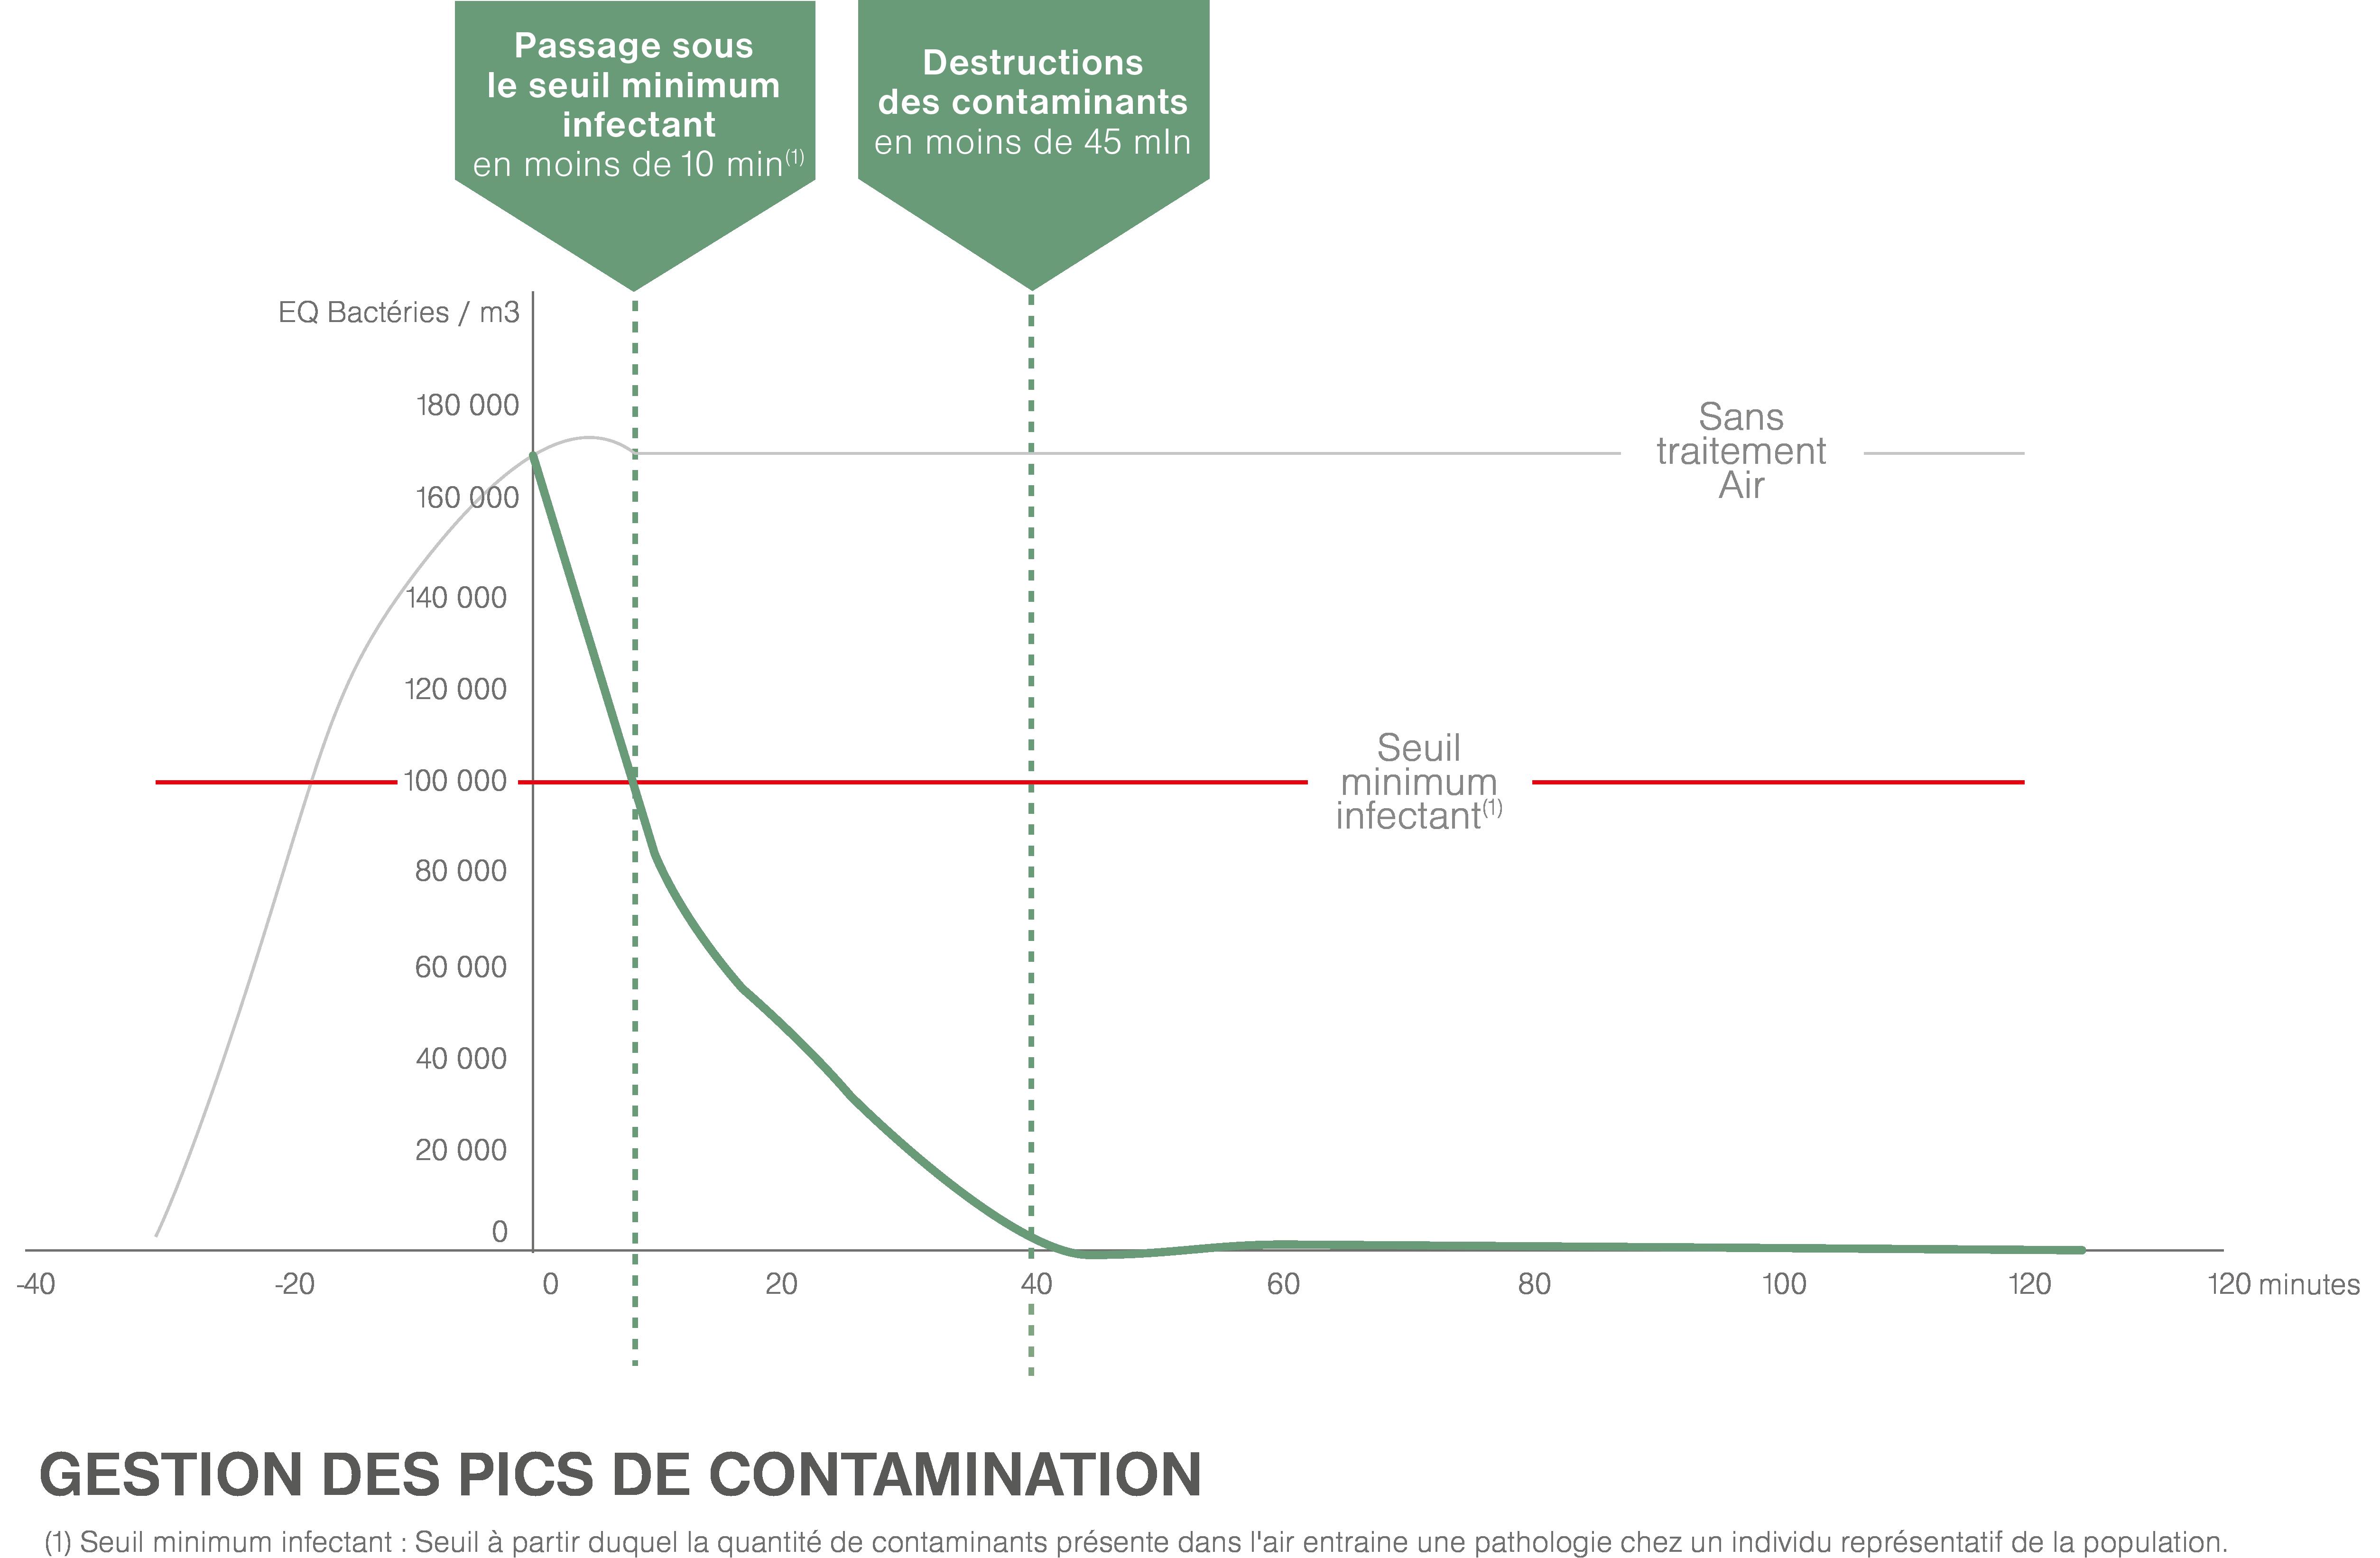 Efficacité Contaminants purificateur d'air professionnel JVD